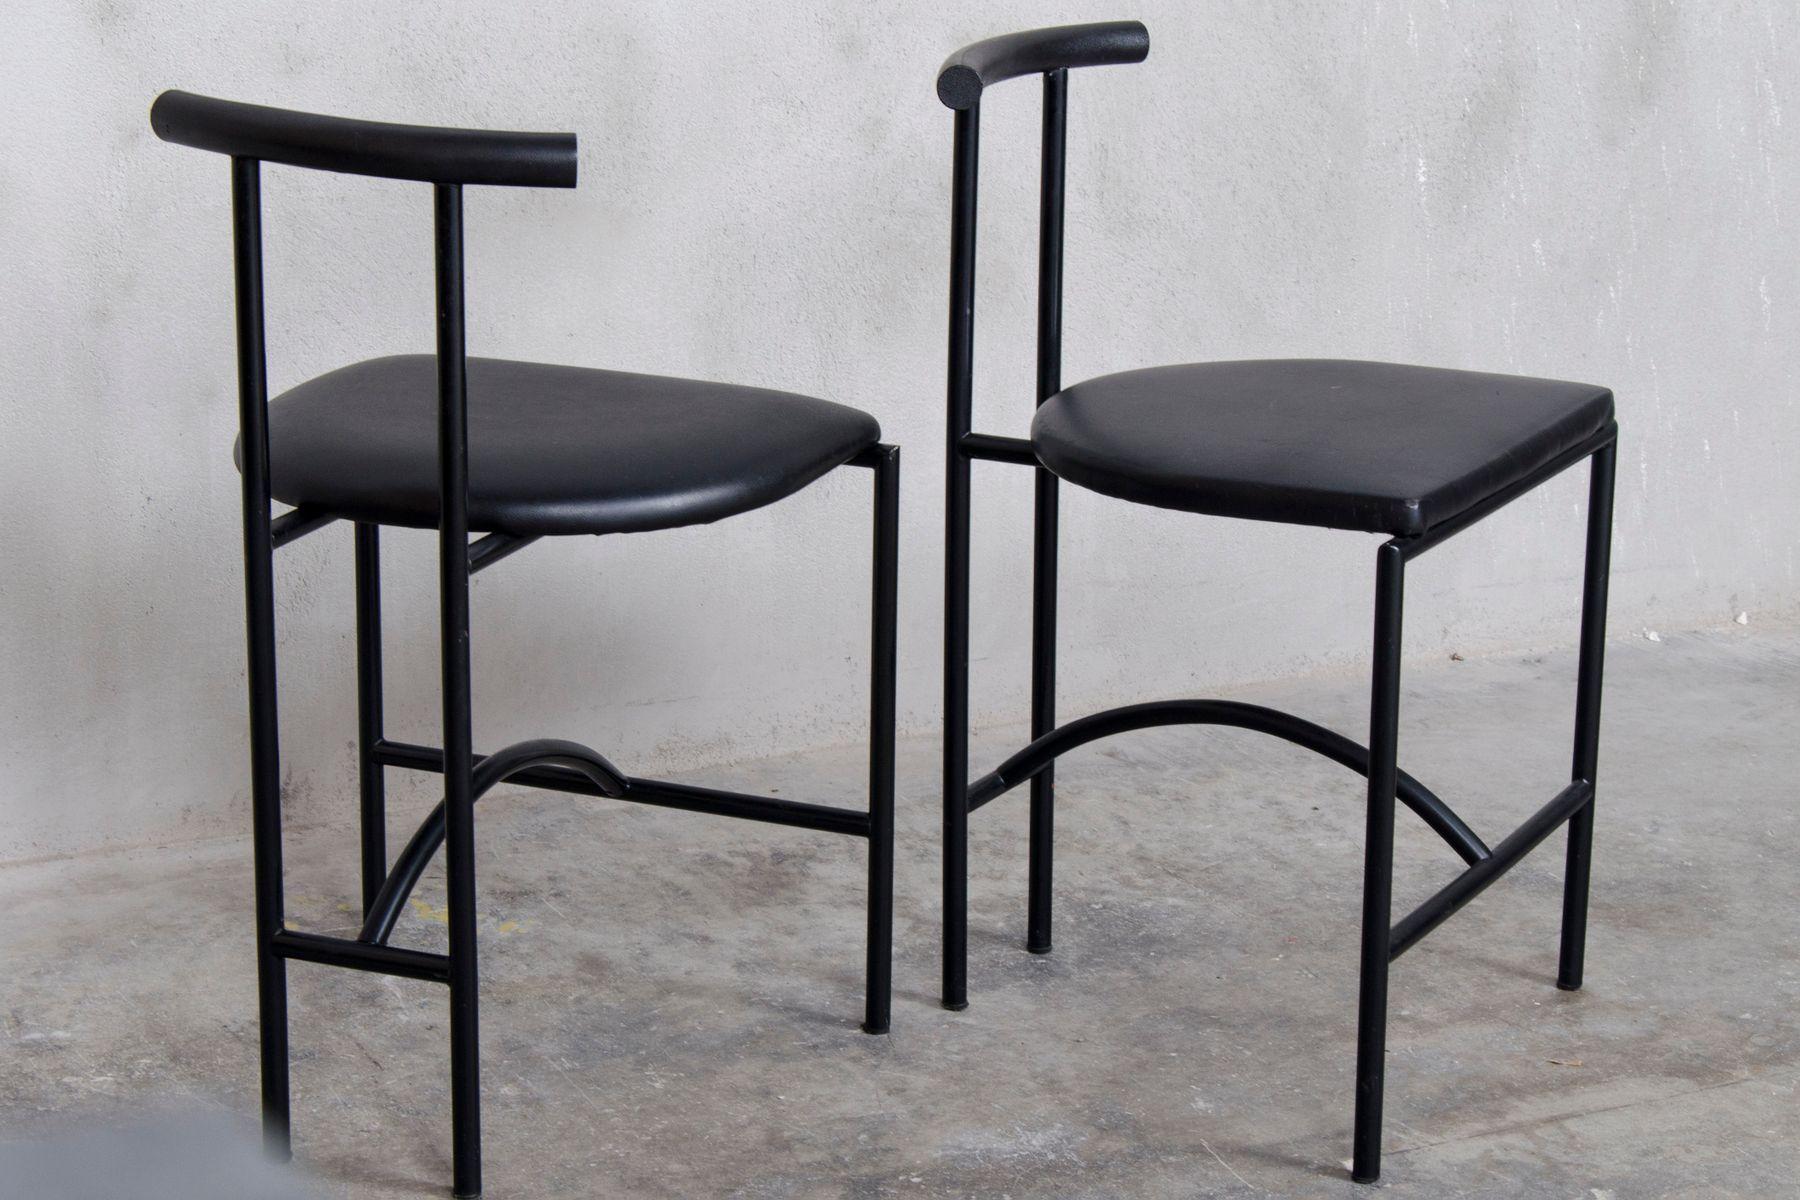 tokyo st hle von rodney kinsman f r bieffeplast 1985 8er set bei pamono kaufen. Black Bedroom Furniture Sets. Home Design Ideas